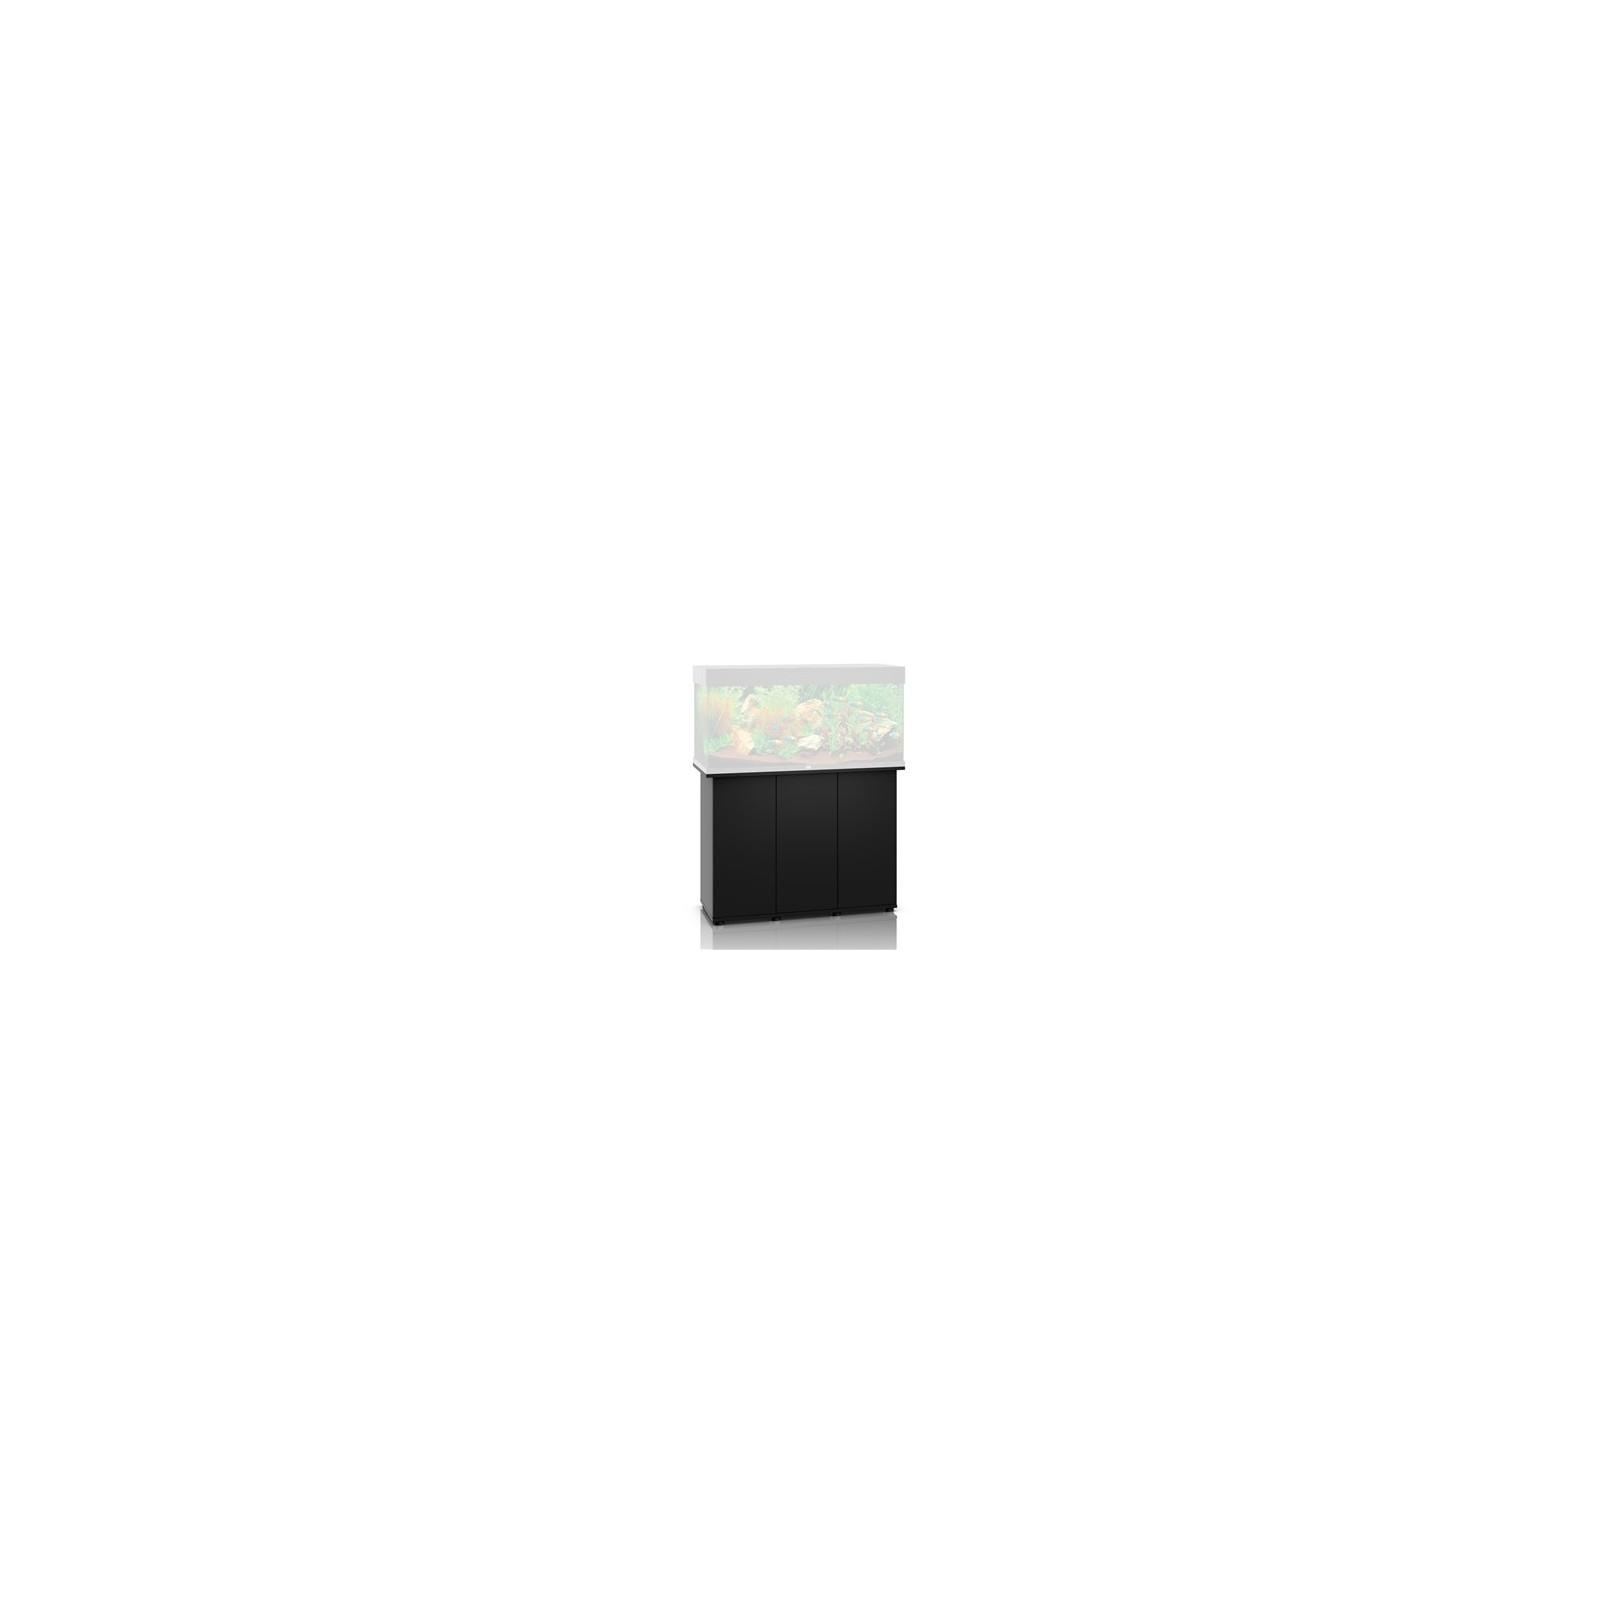 Juwel Skříň SBX pro akvárium Rio 180, Barva Černá